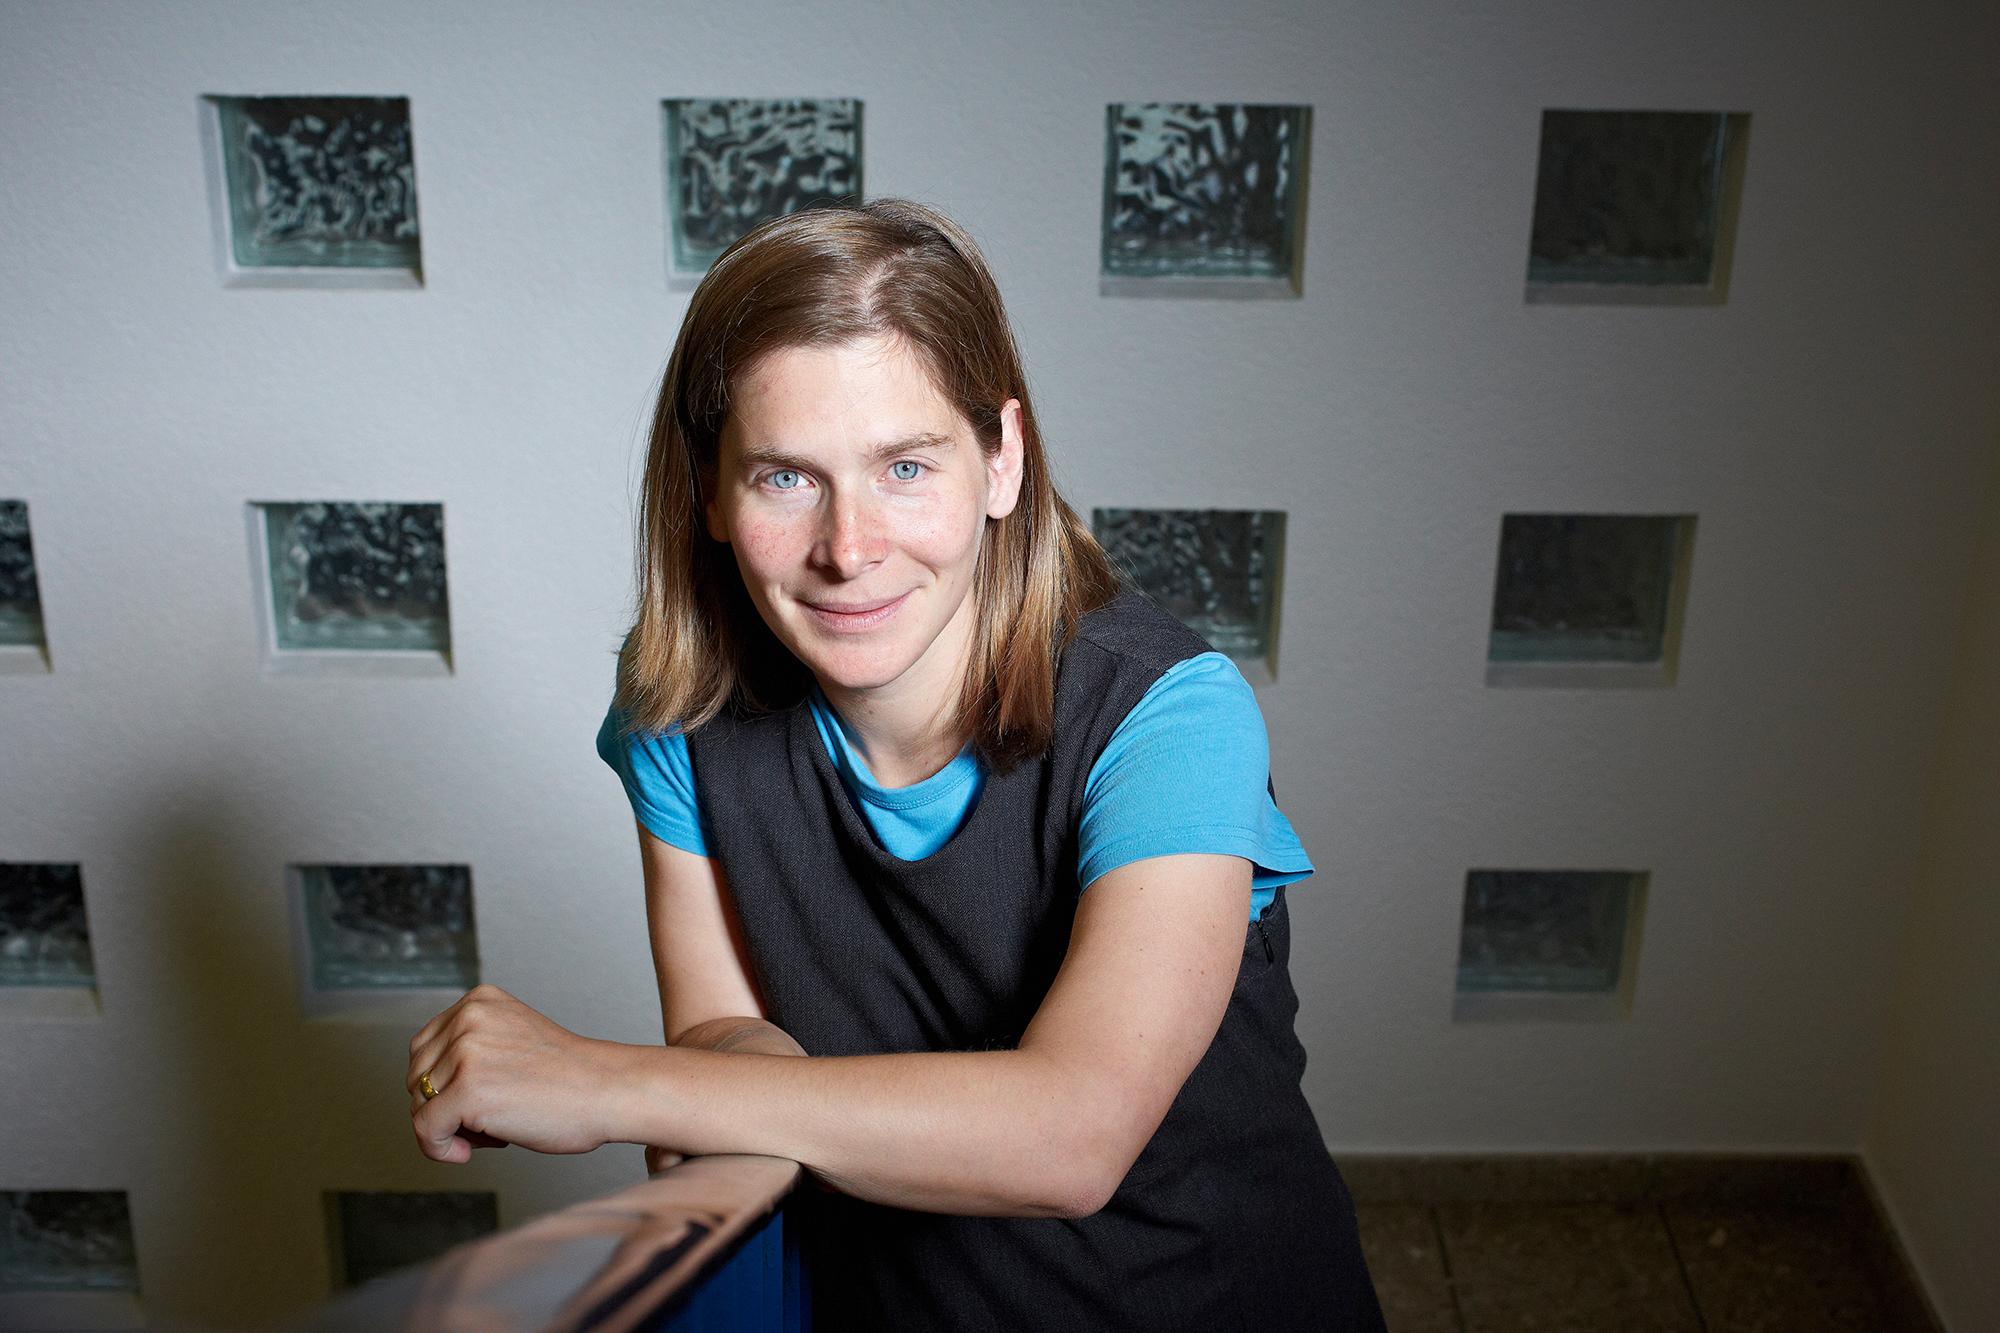 Olivia Romppainen, Professorin für Klimafolgenforschung an der Universität Bern und Co-Leiterin des Mobiliar Labs für Naturrisiken Bild: © Universität Bern / Annette Boutellier